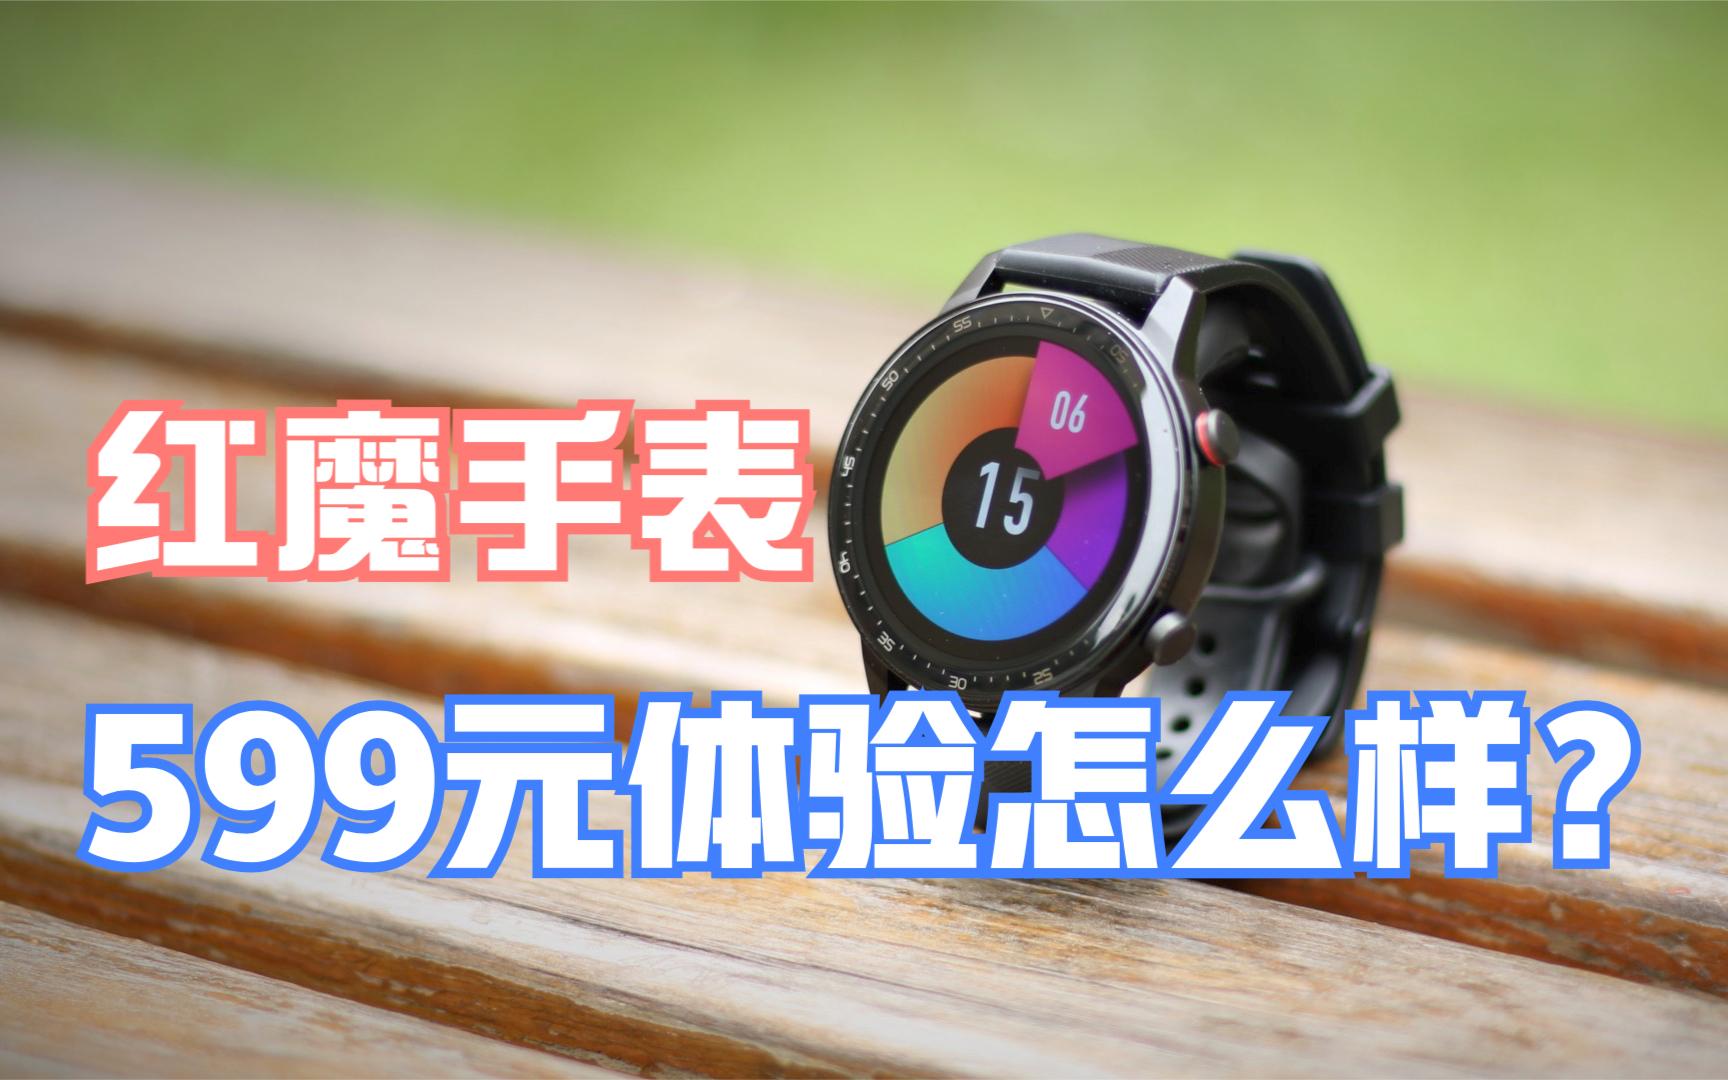 游戏手机也出手表?红魔手表体验,599是真的便宜【新评科技】